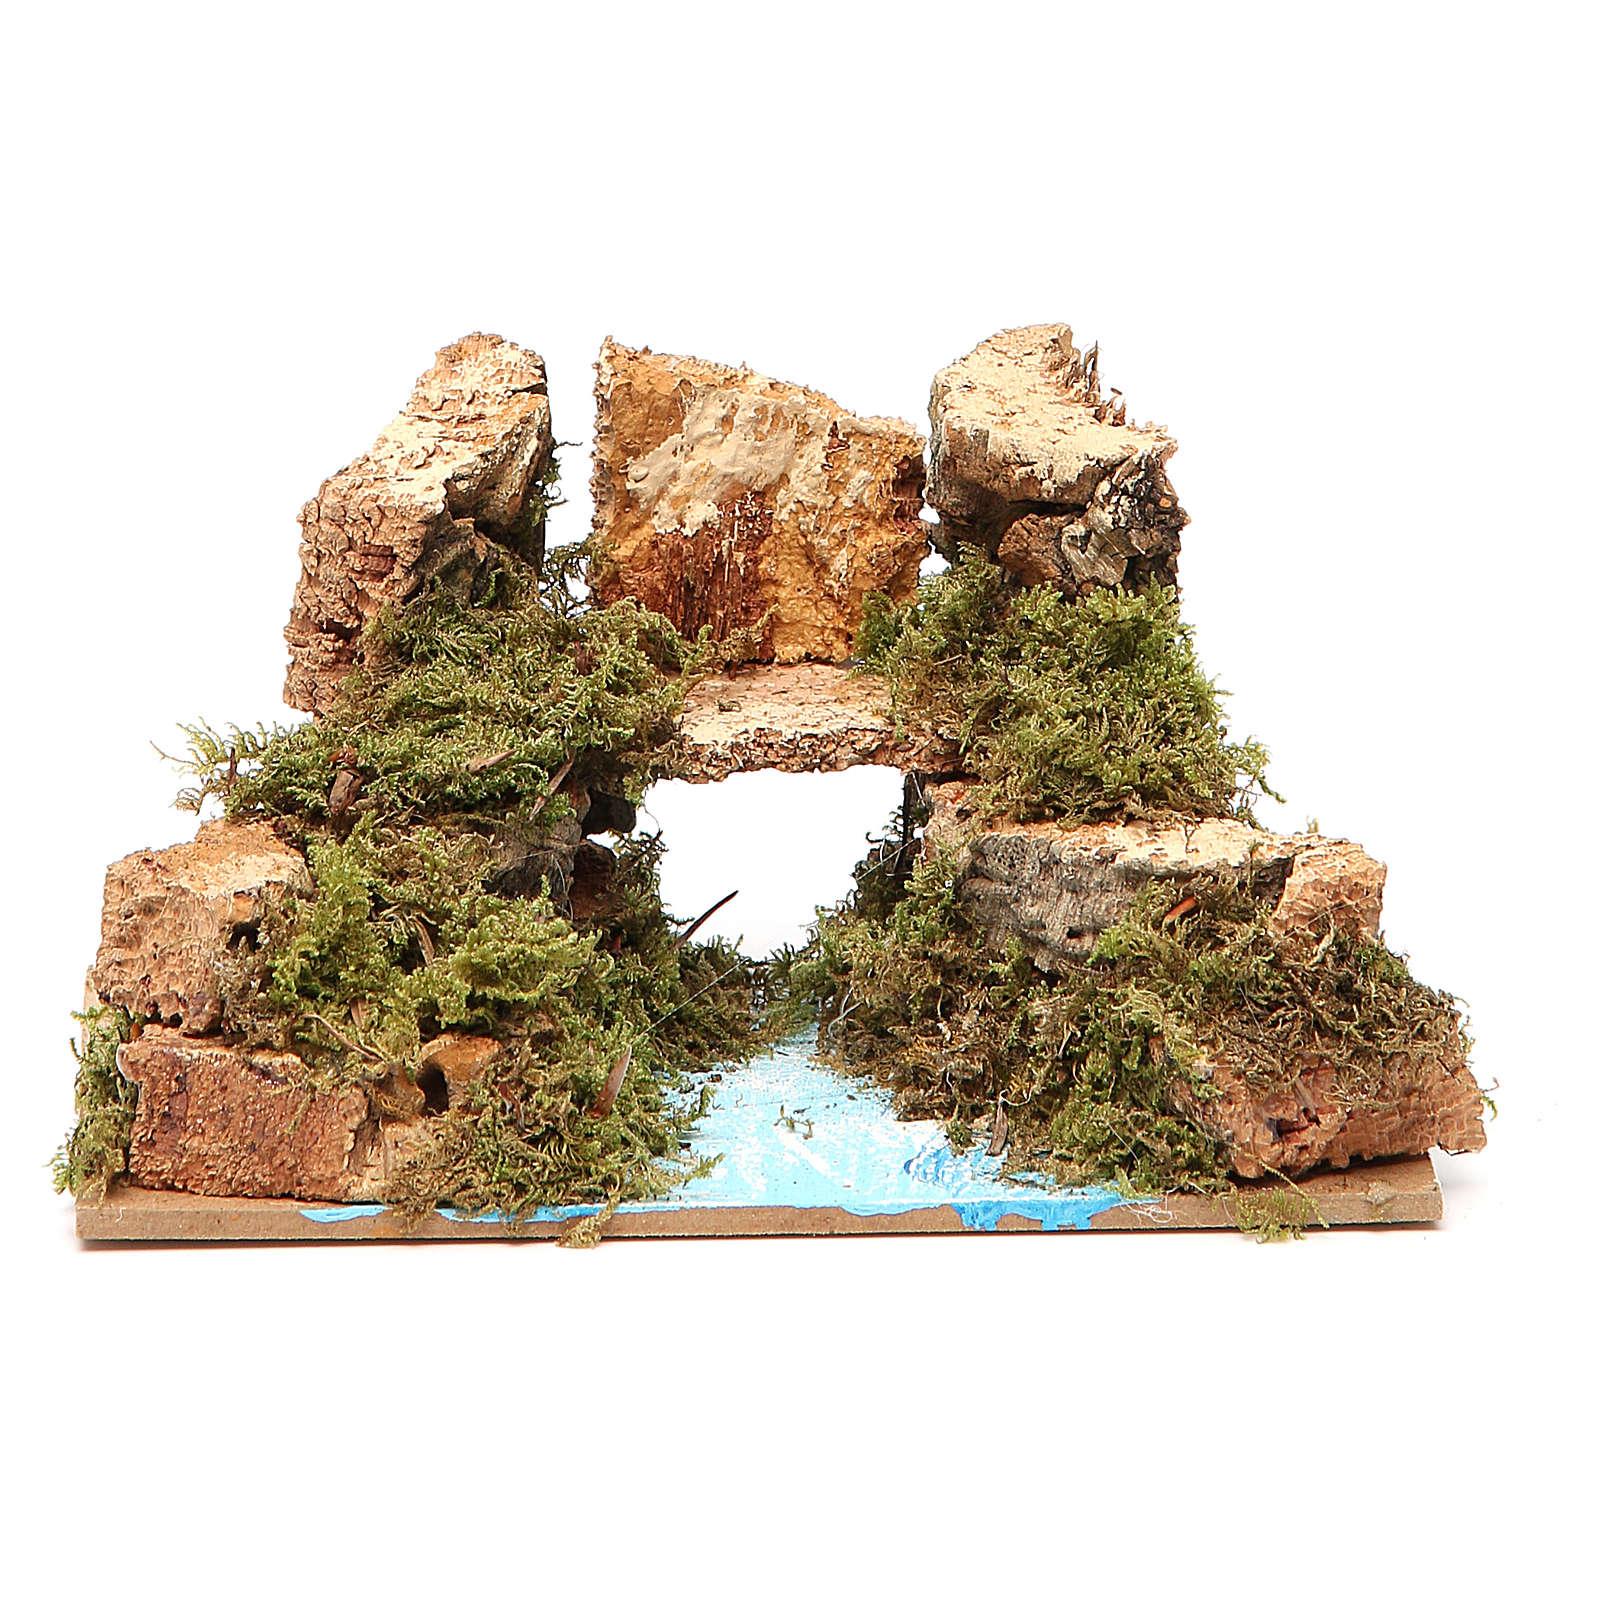 Ponte no rio 8x15x10 cm modelos vários 4